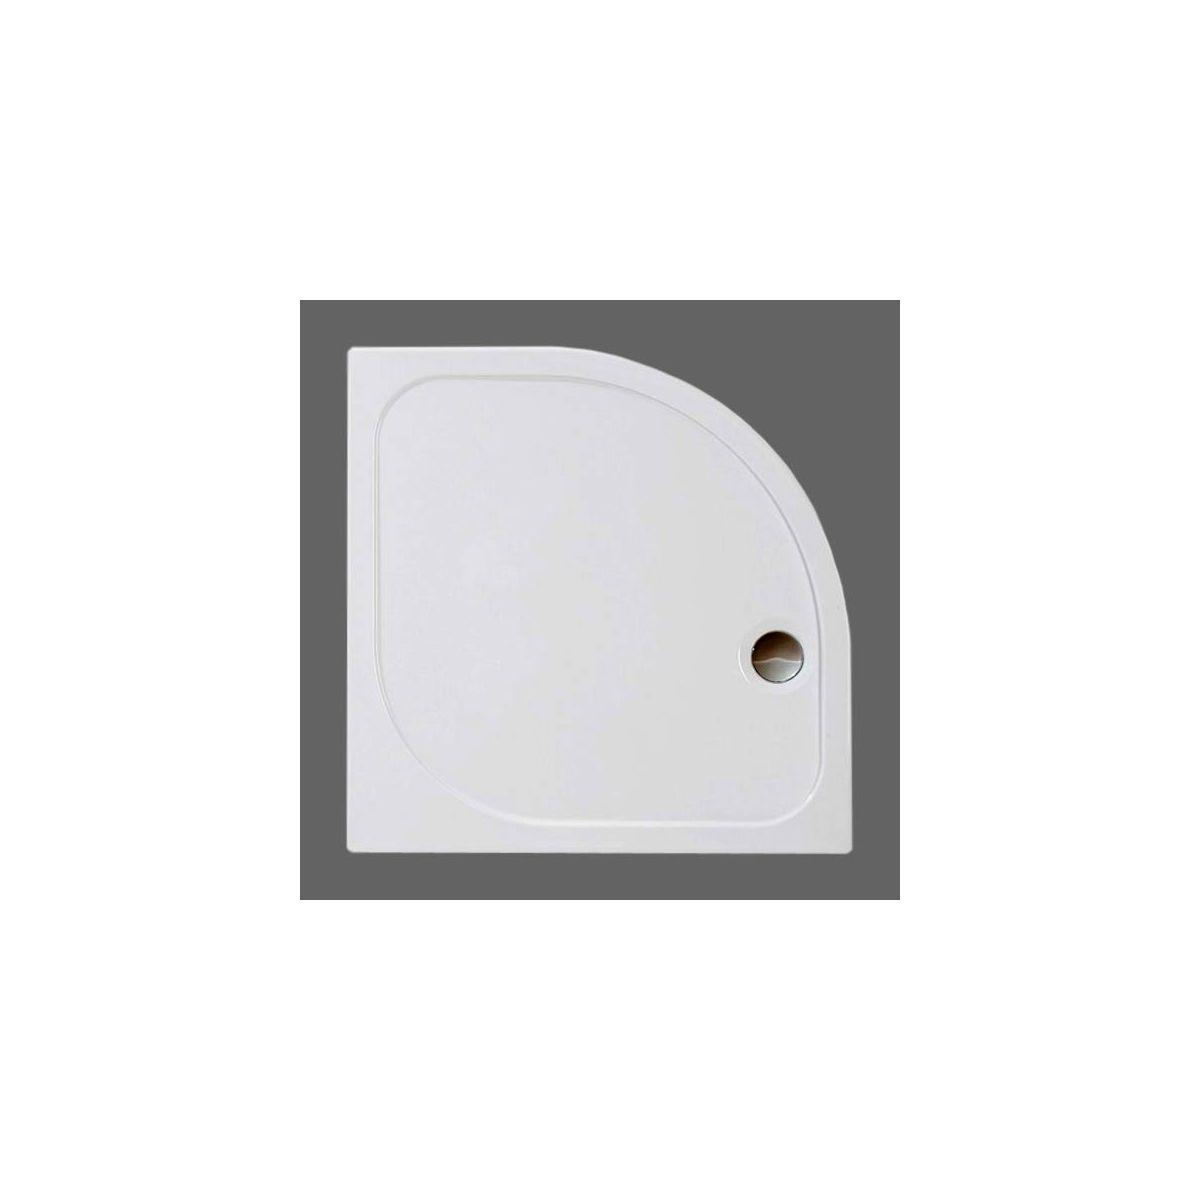 Merlyn MStone Quadrant Shower Tray 900mm